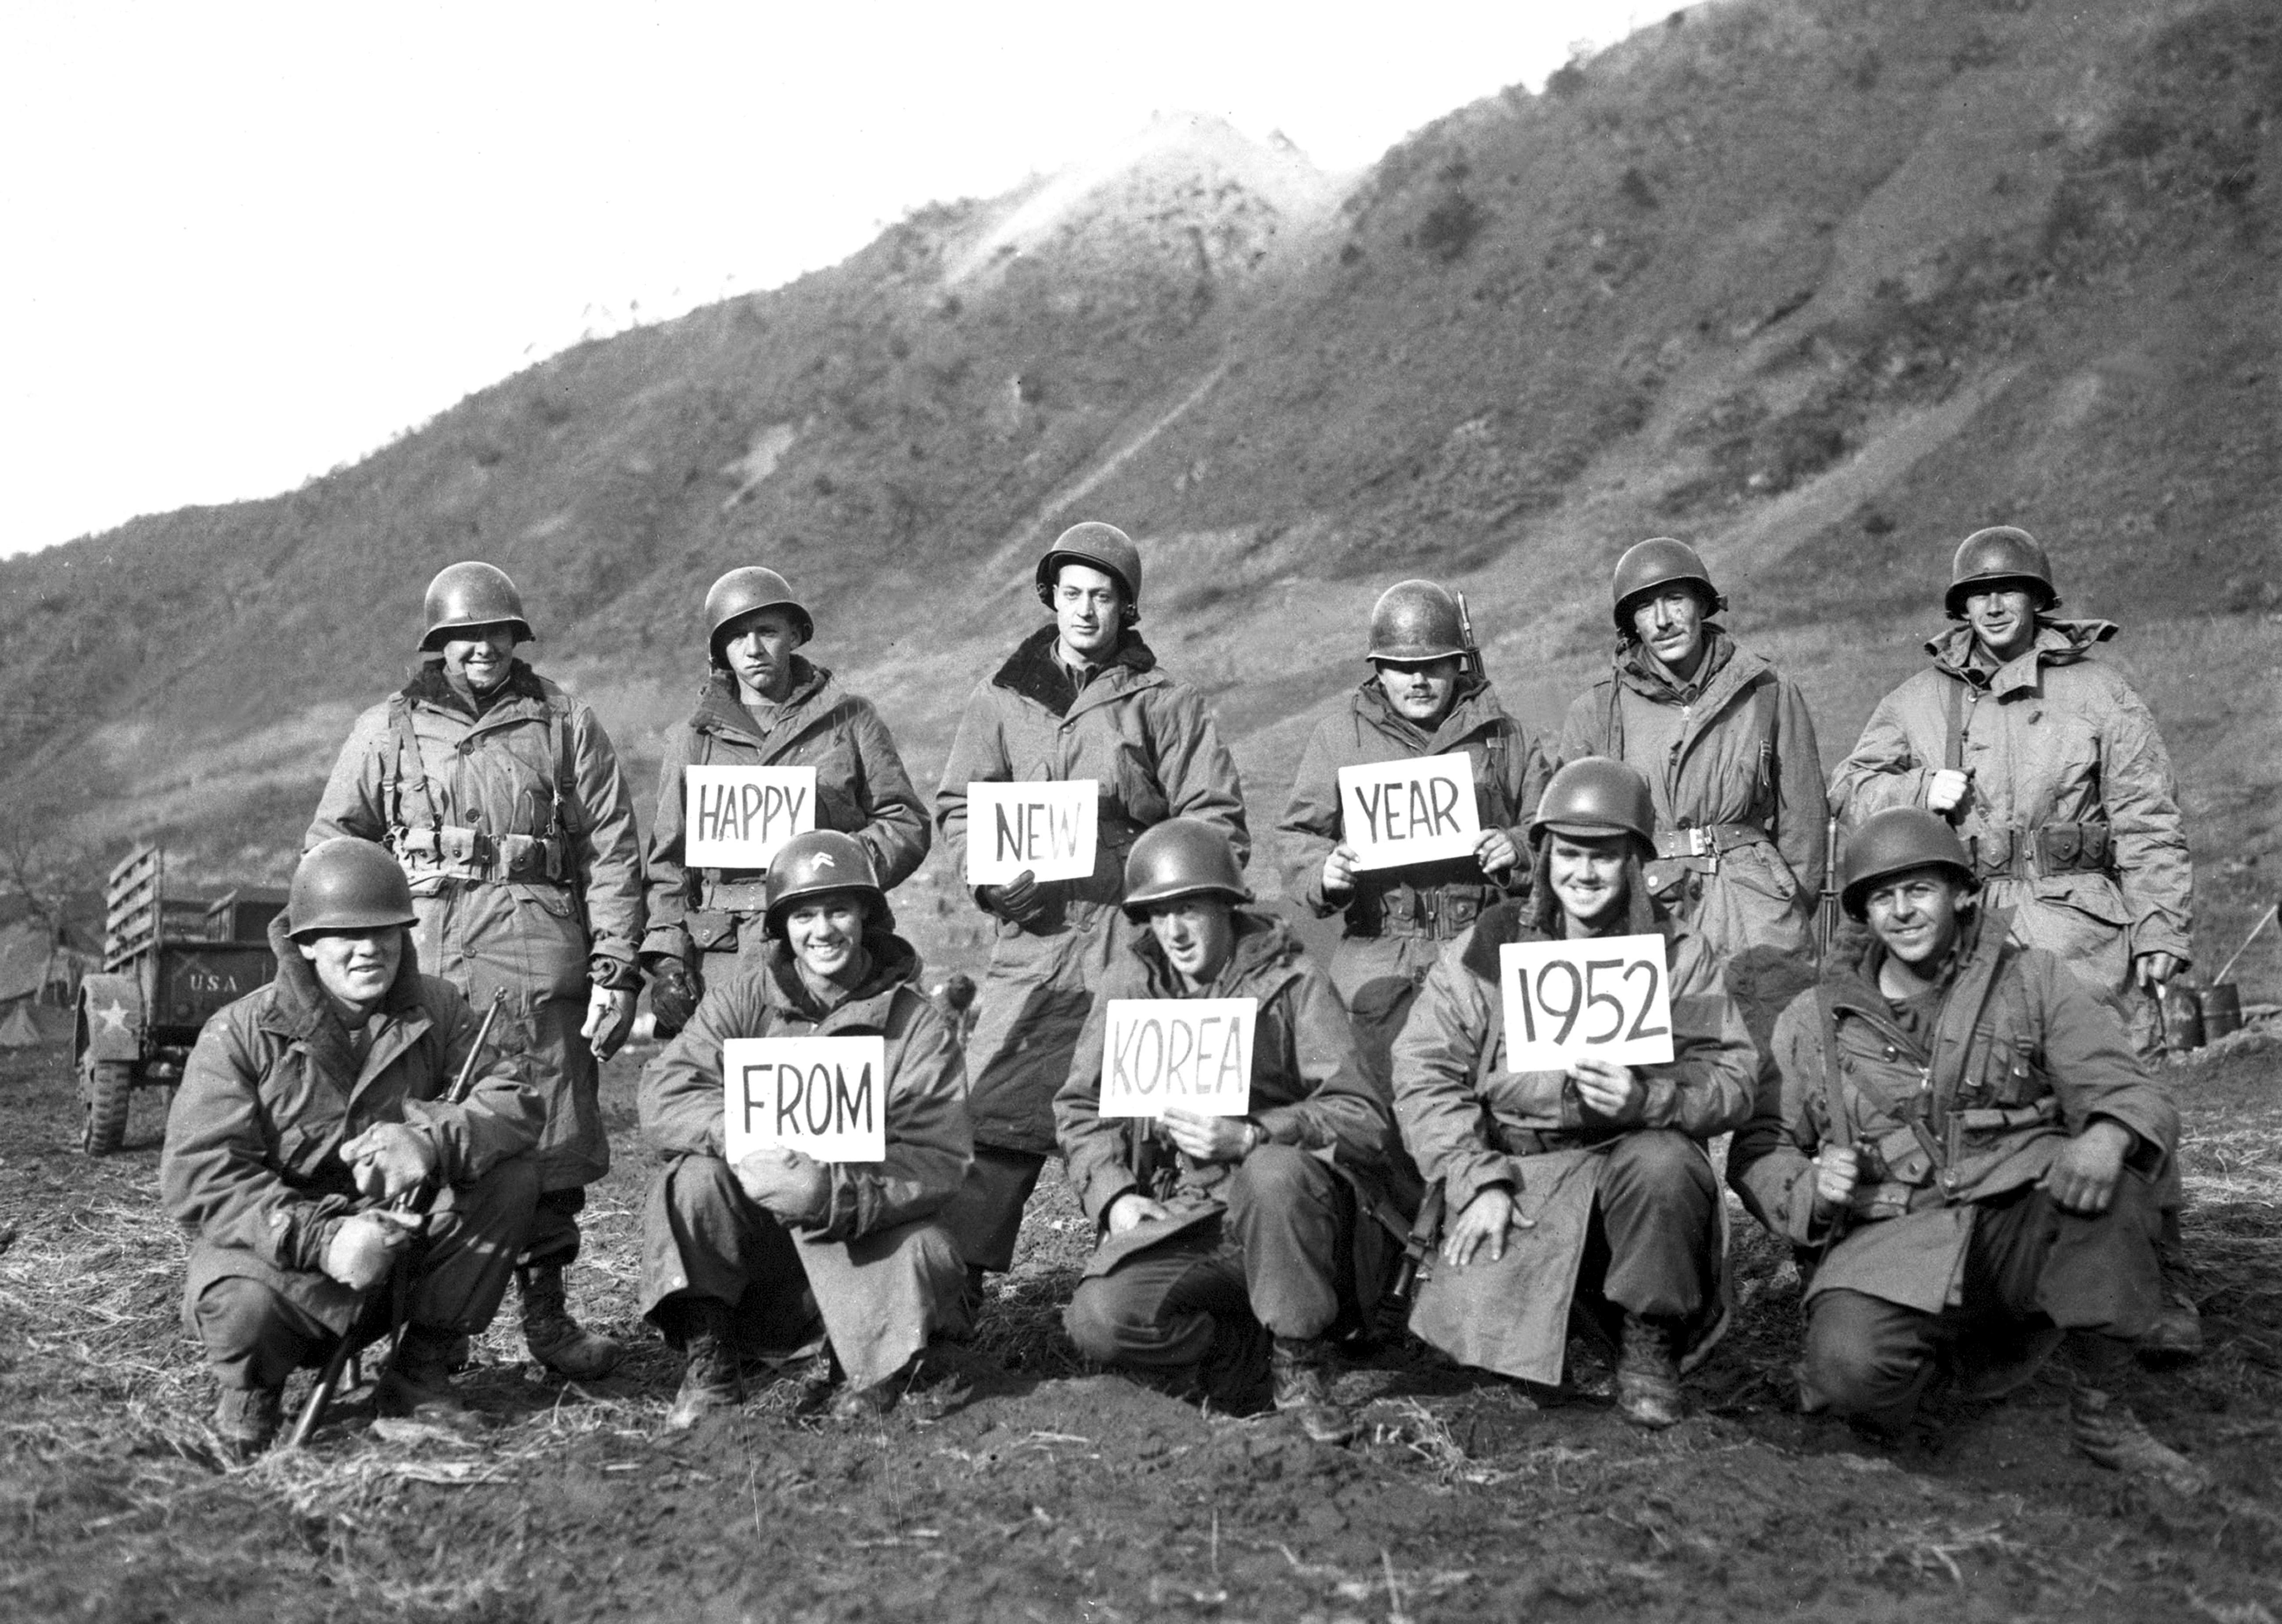 1952. Солдаты на передовой также нашли время, чтобы отправить поздравления с новым годом.jpg